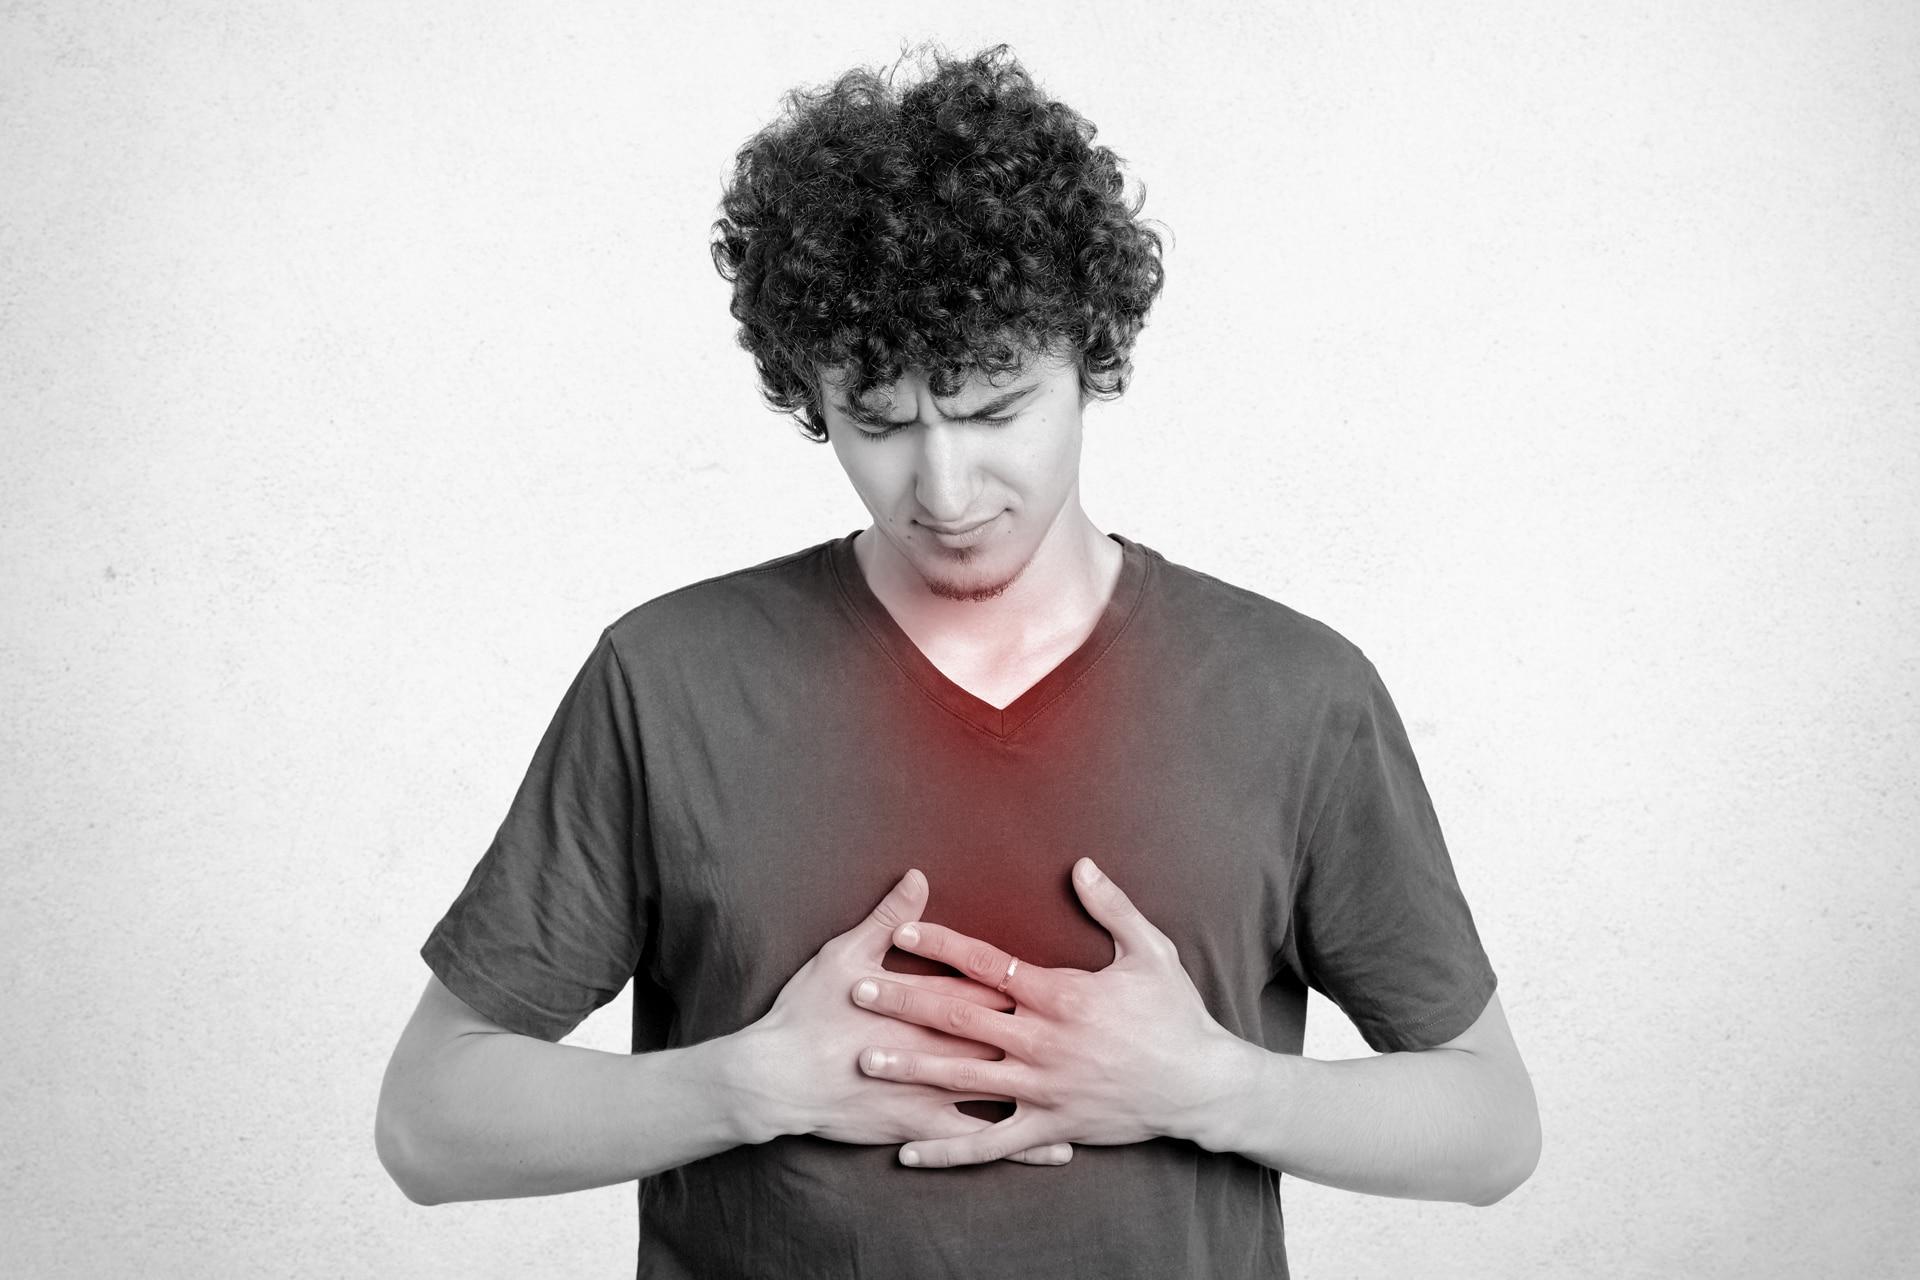 Ragazzo si comprime il petto con espressione contrita perché ha disturbi da reflusso gastrico.